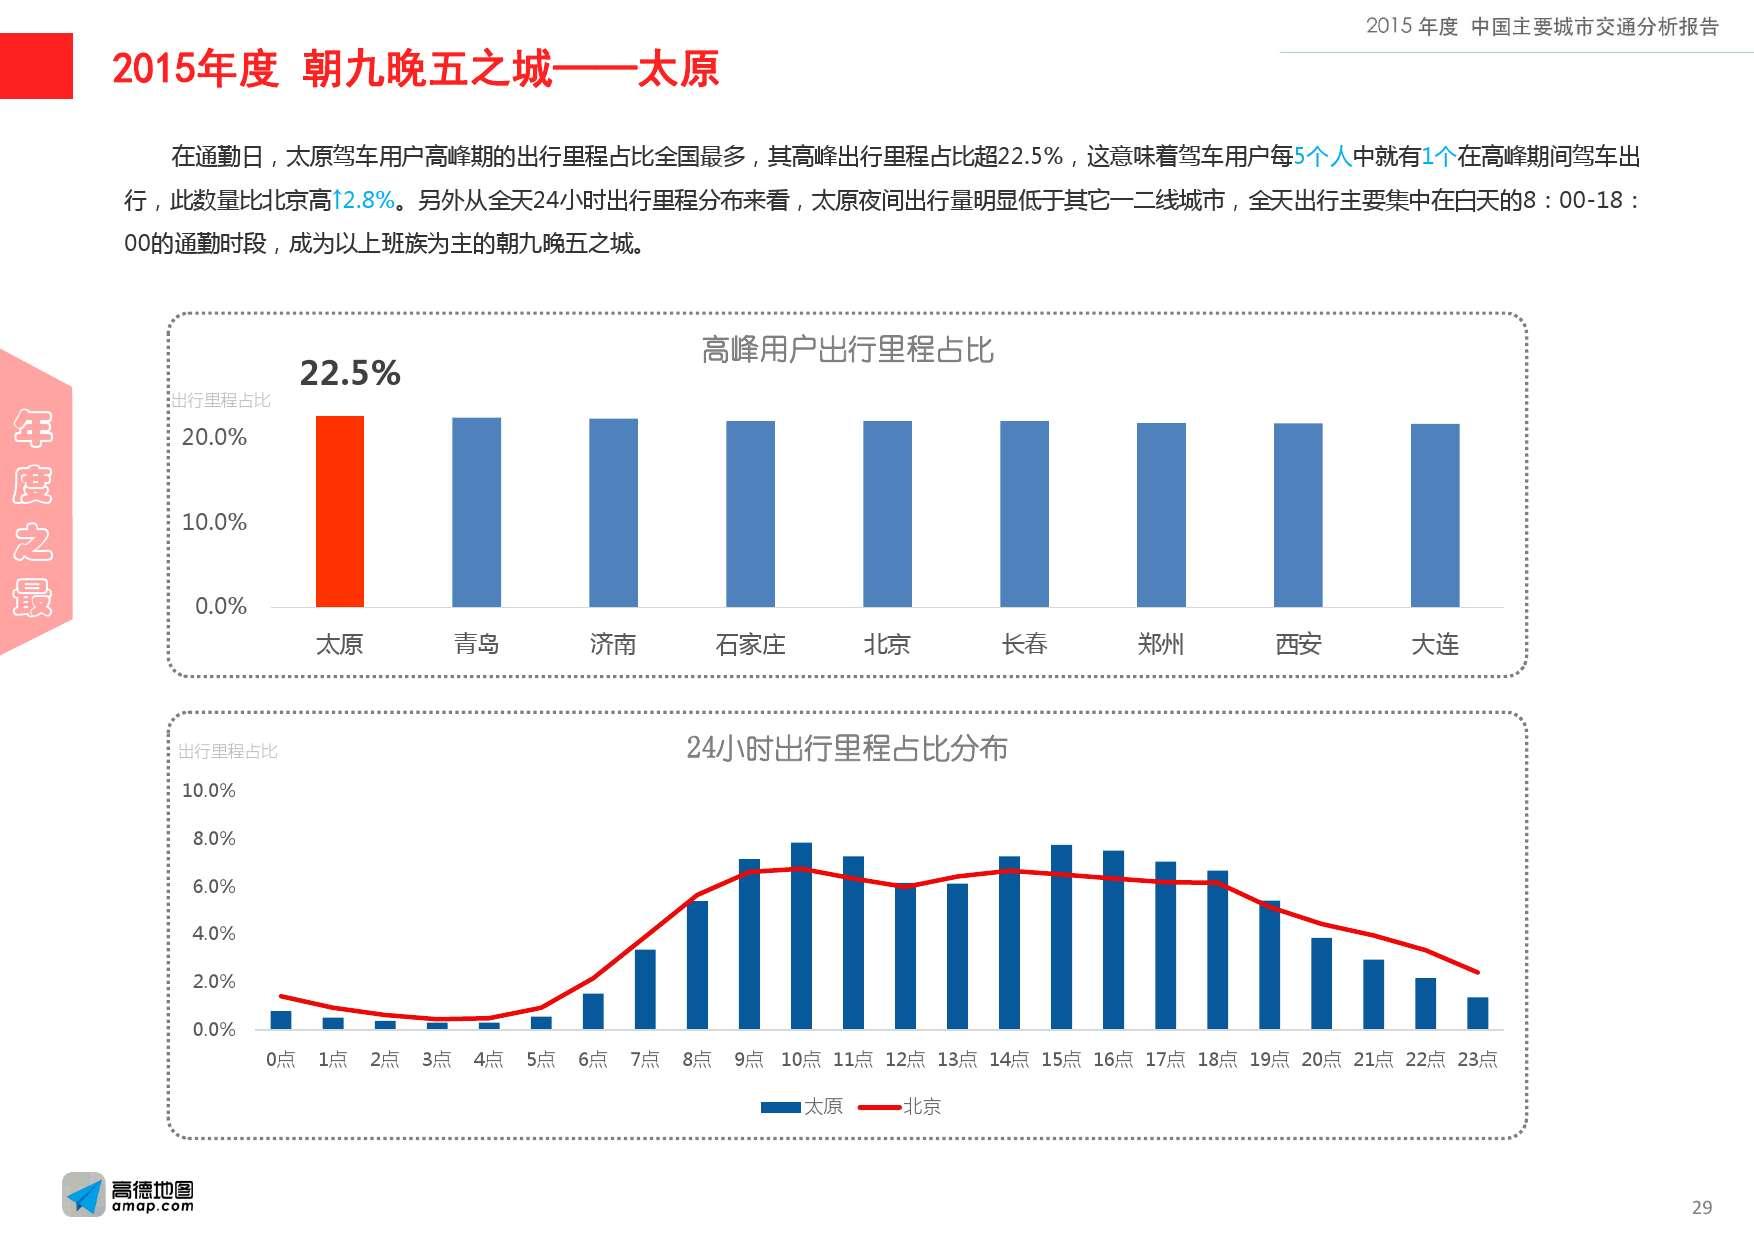 2015年度中国主要城市交通分析报告-final_000029